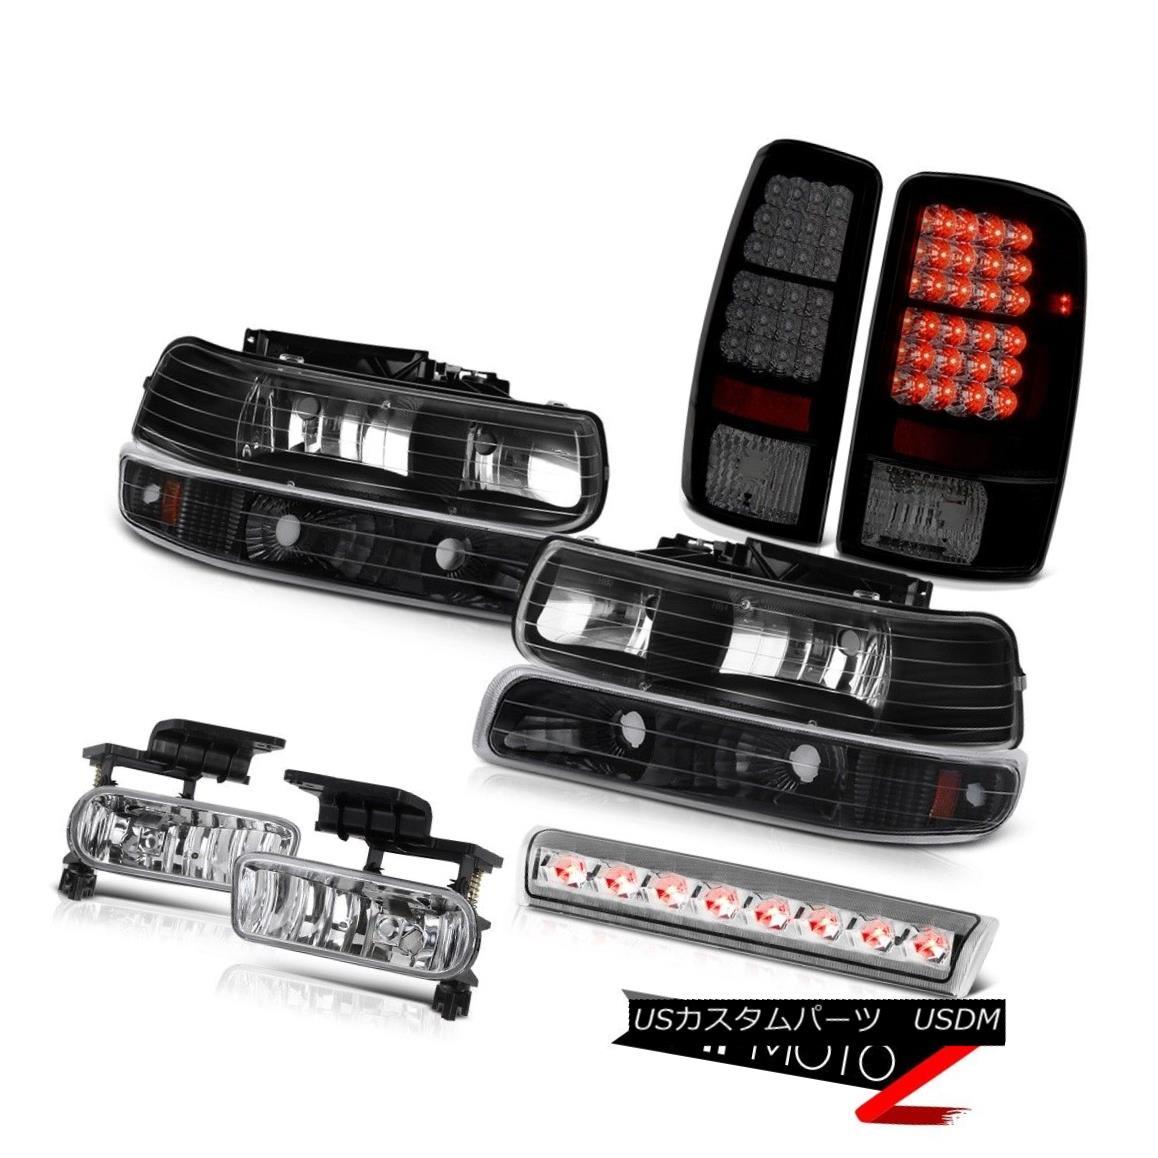 テールライト 2000-2006 Suburban 2500 Z71 Black headlamps tail brake lamps foglights 3rd Light 2000-2006郊外2500 Z71ブラックヘッドランプテールブレーキランプfoglights 3rd Light